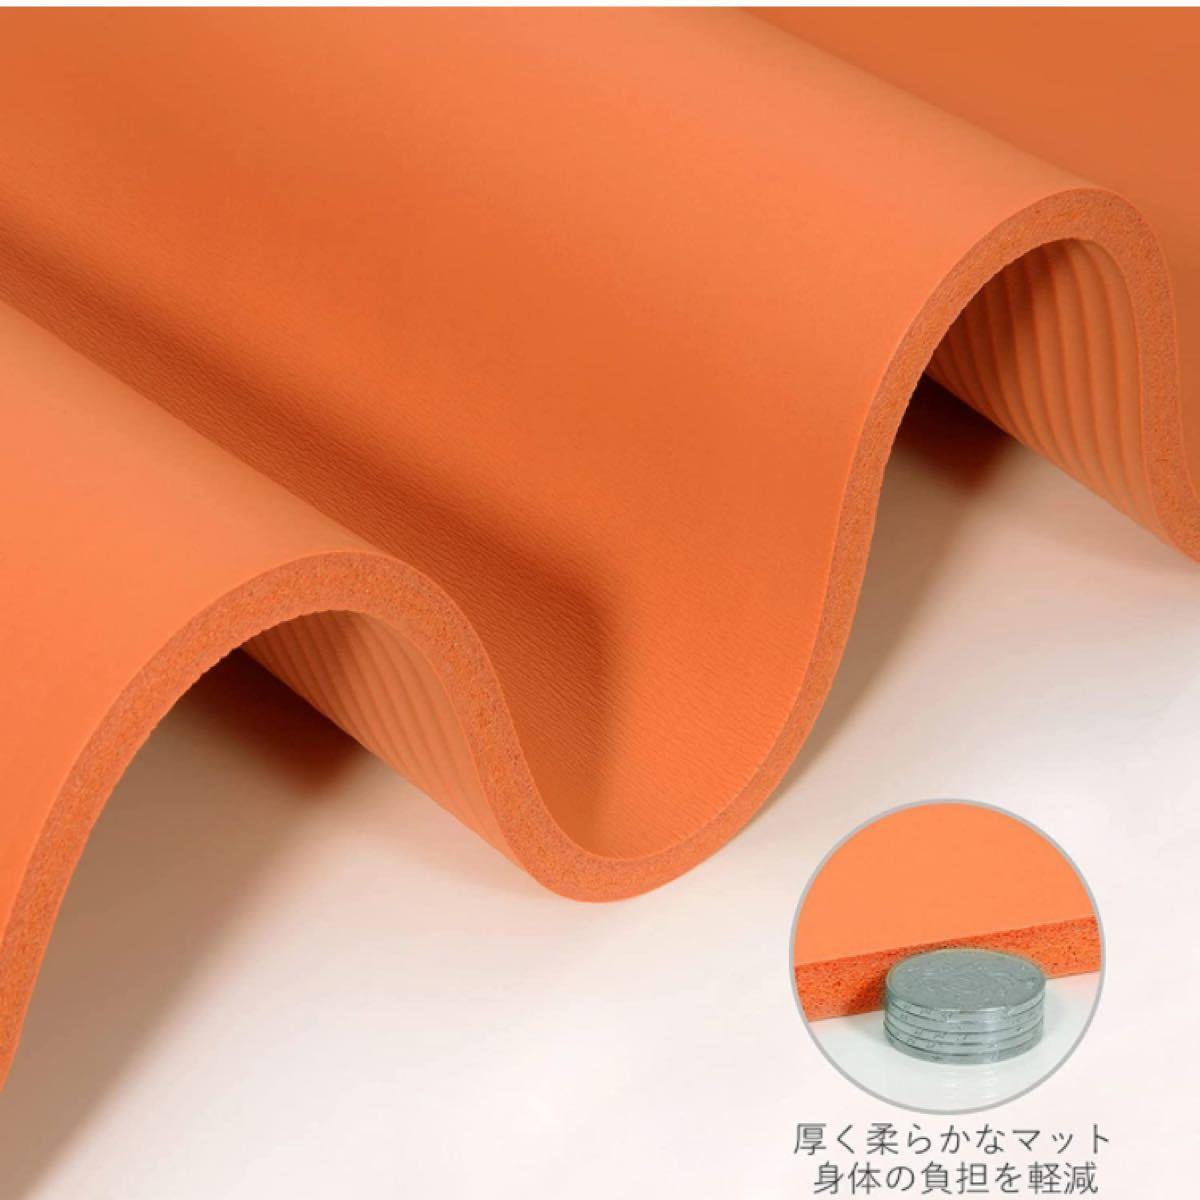 ヨガマット トレーニングマット エクササイズマット ピラティスマット NBR素材 厚さ10mm 防音対策 滑り止め